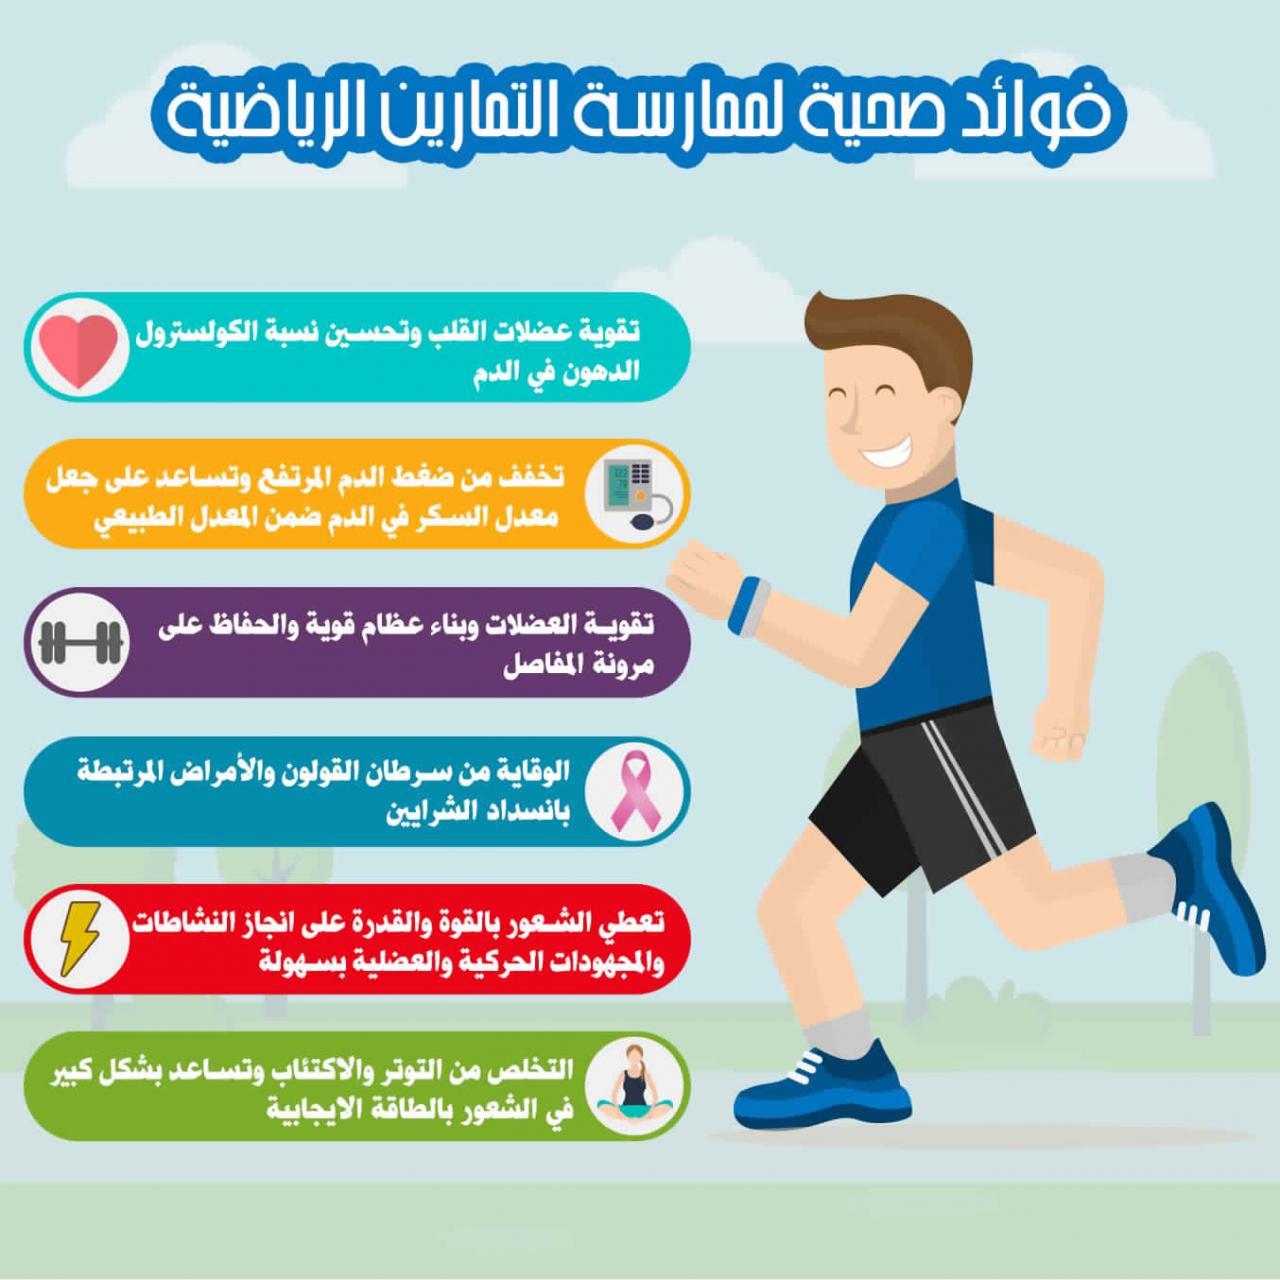 موضوع تعبير عن ممارسة الرياضة اهمية الرياضة في الحياه طقطقه